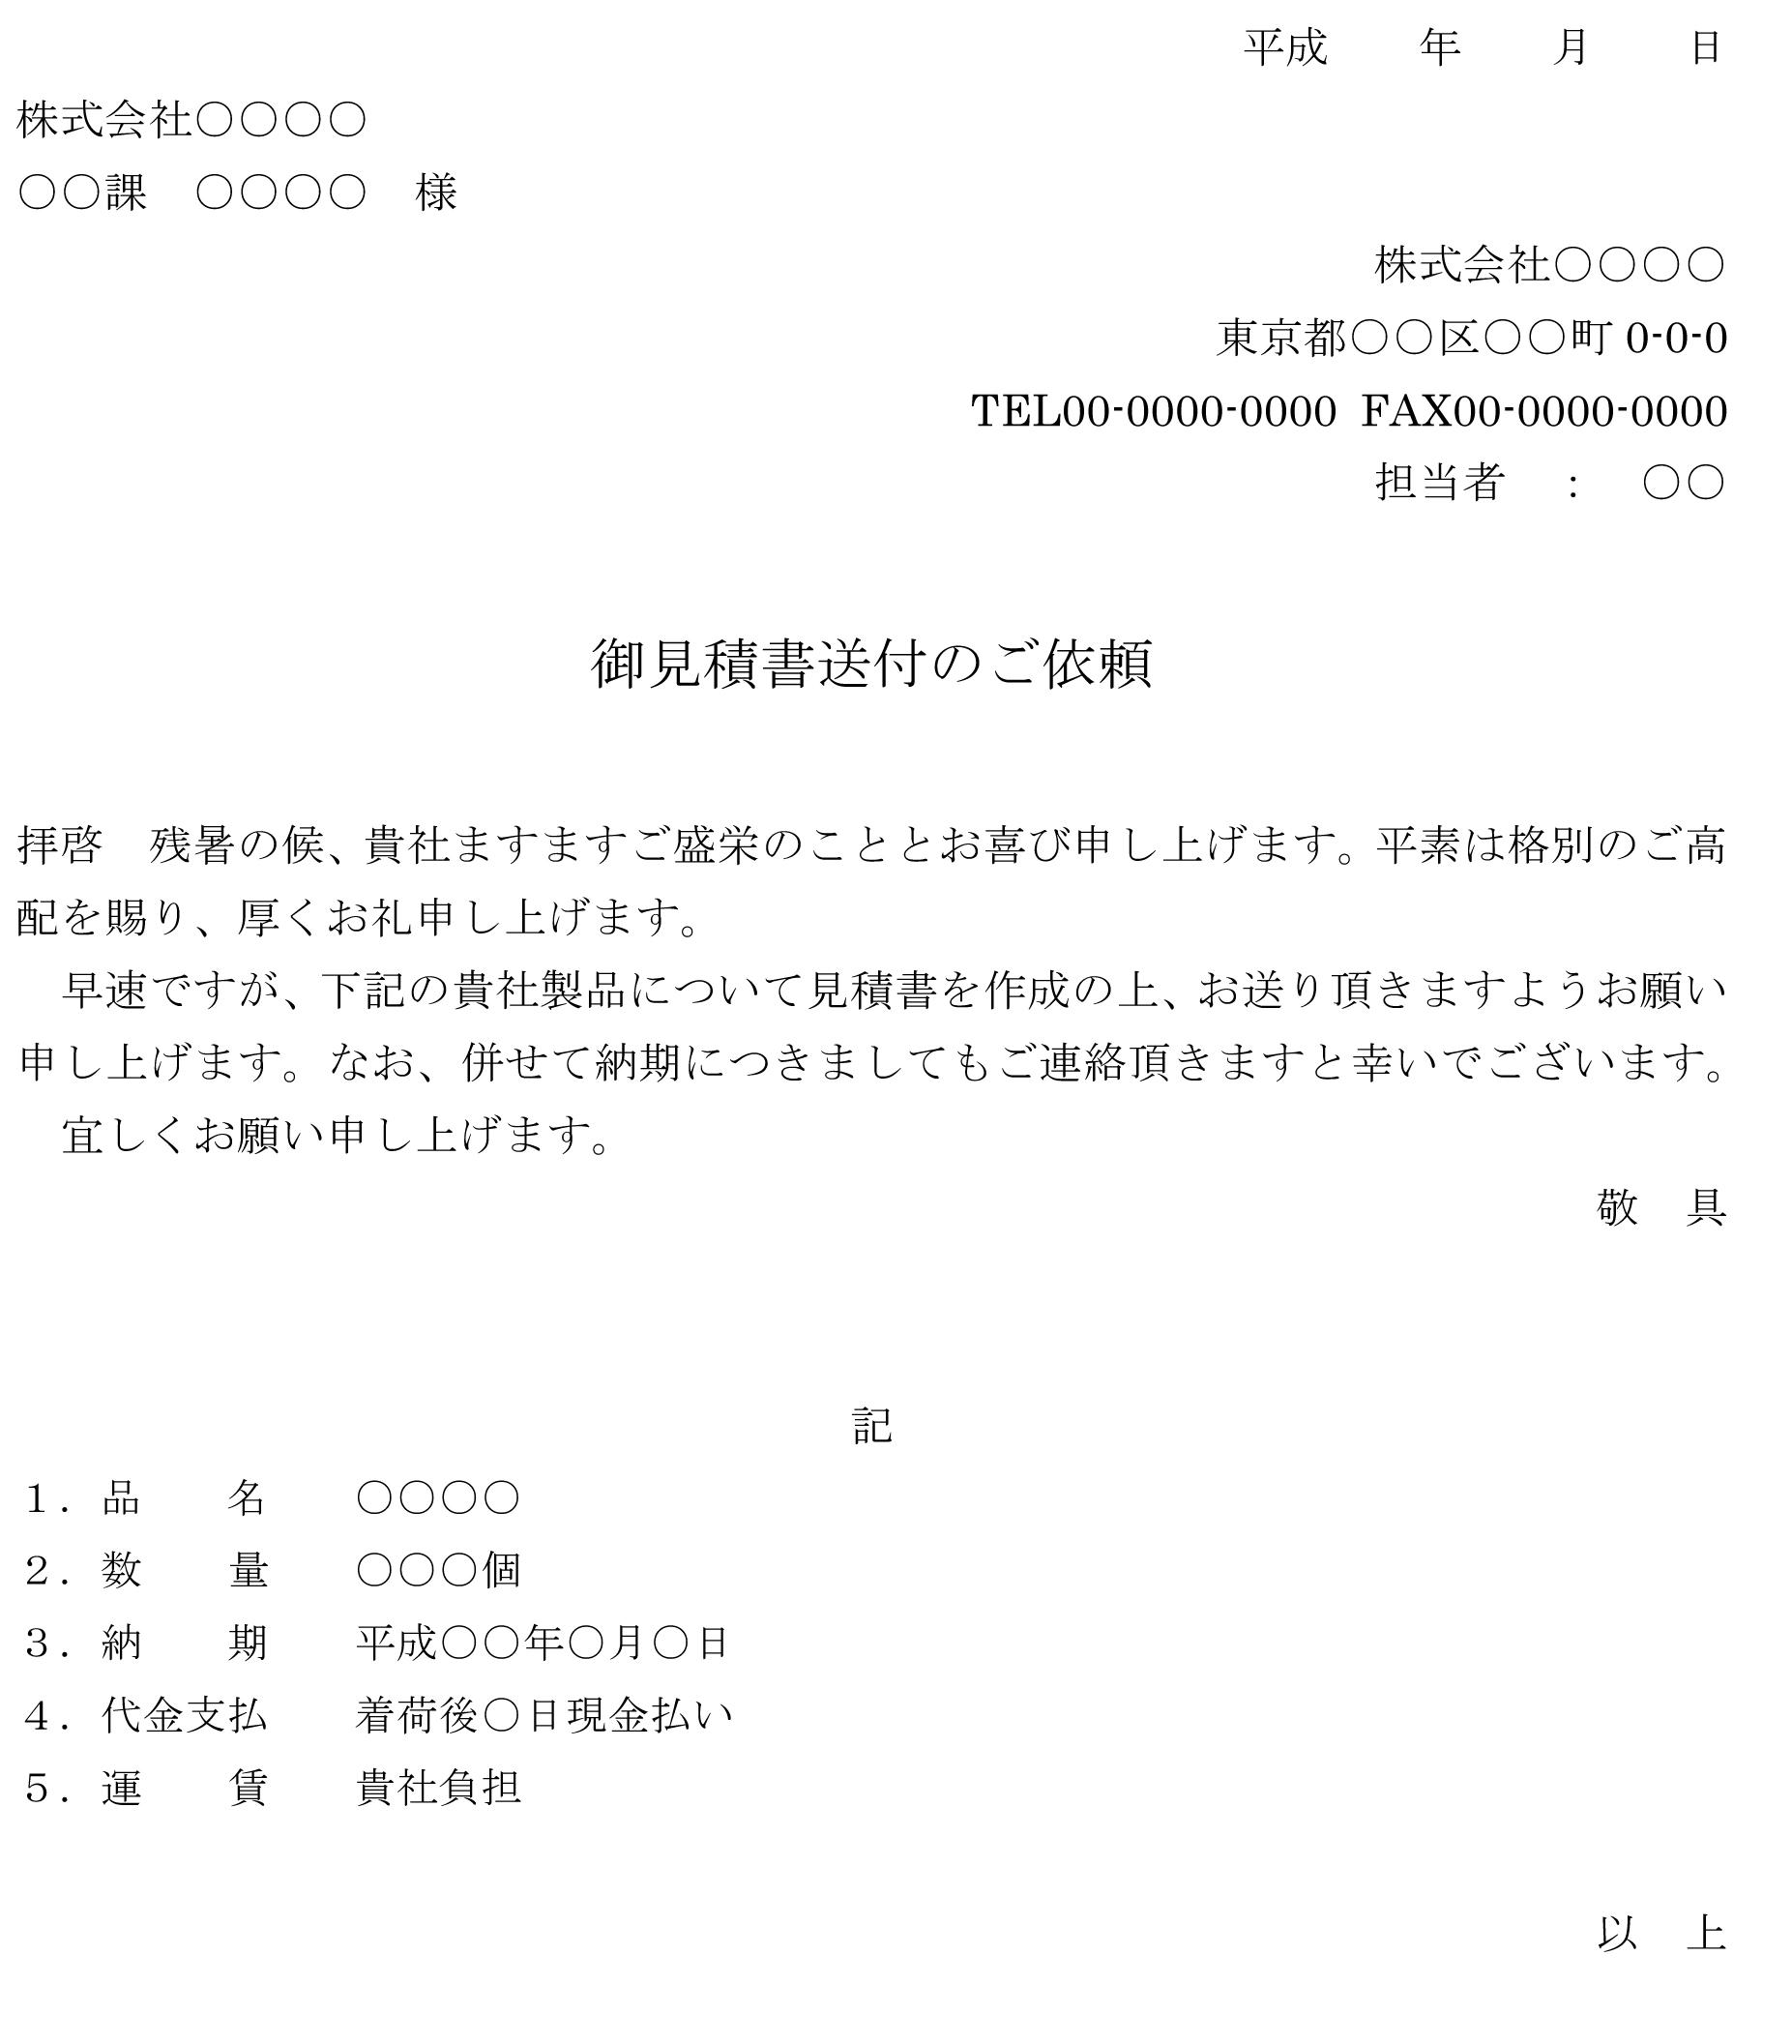 依頼状(見積書送付)03